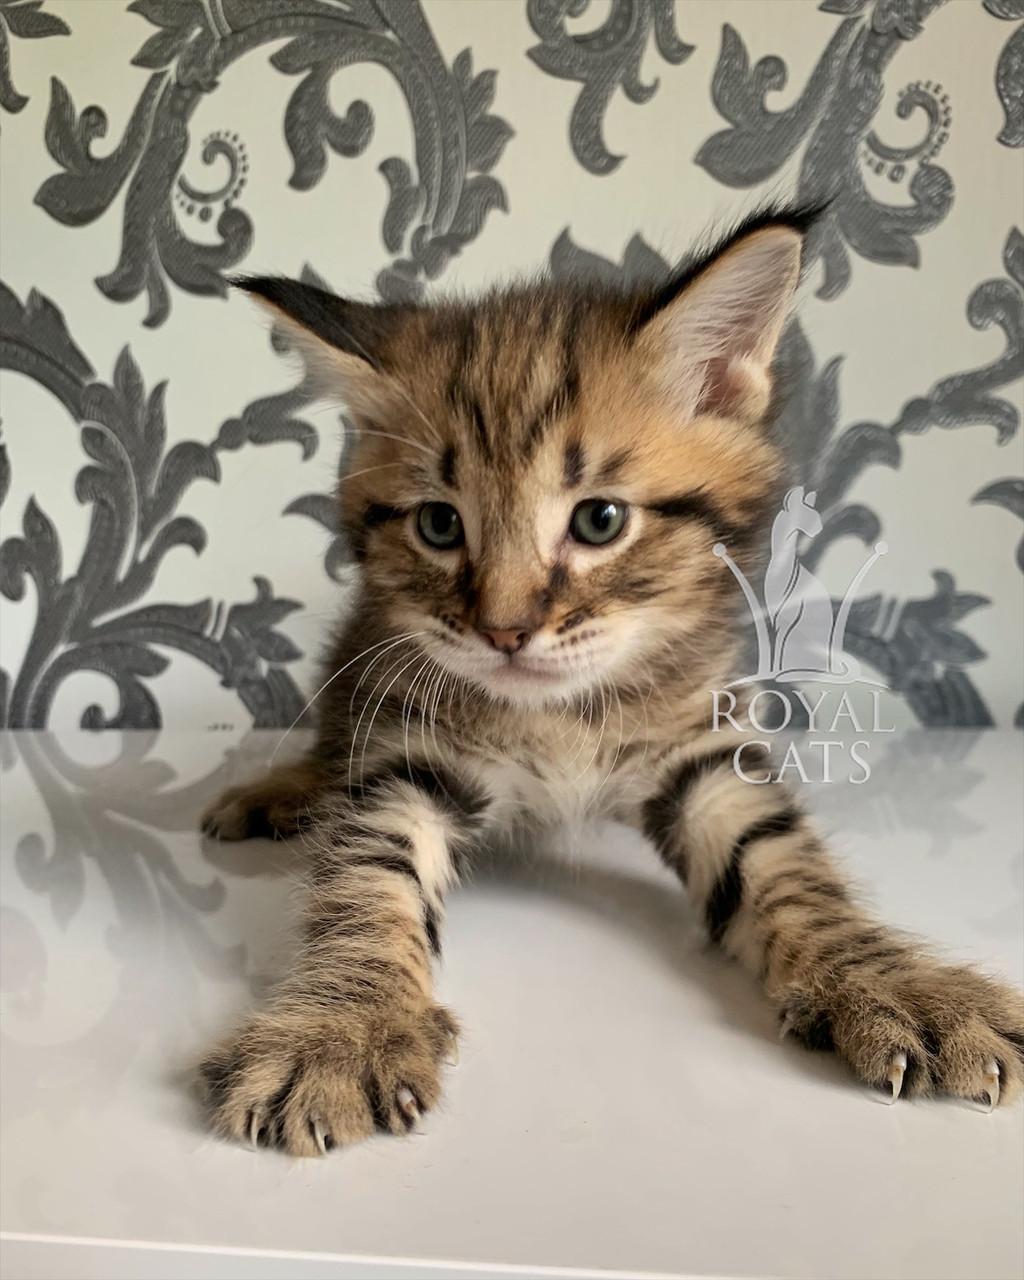 Кошеня Чаузи Ф2 (white collar) дата народження 27.03.2020. Розплідник Royal Cats. Україна, Київ